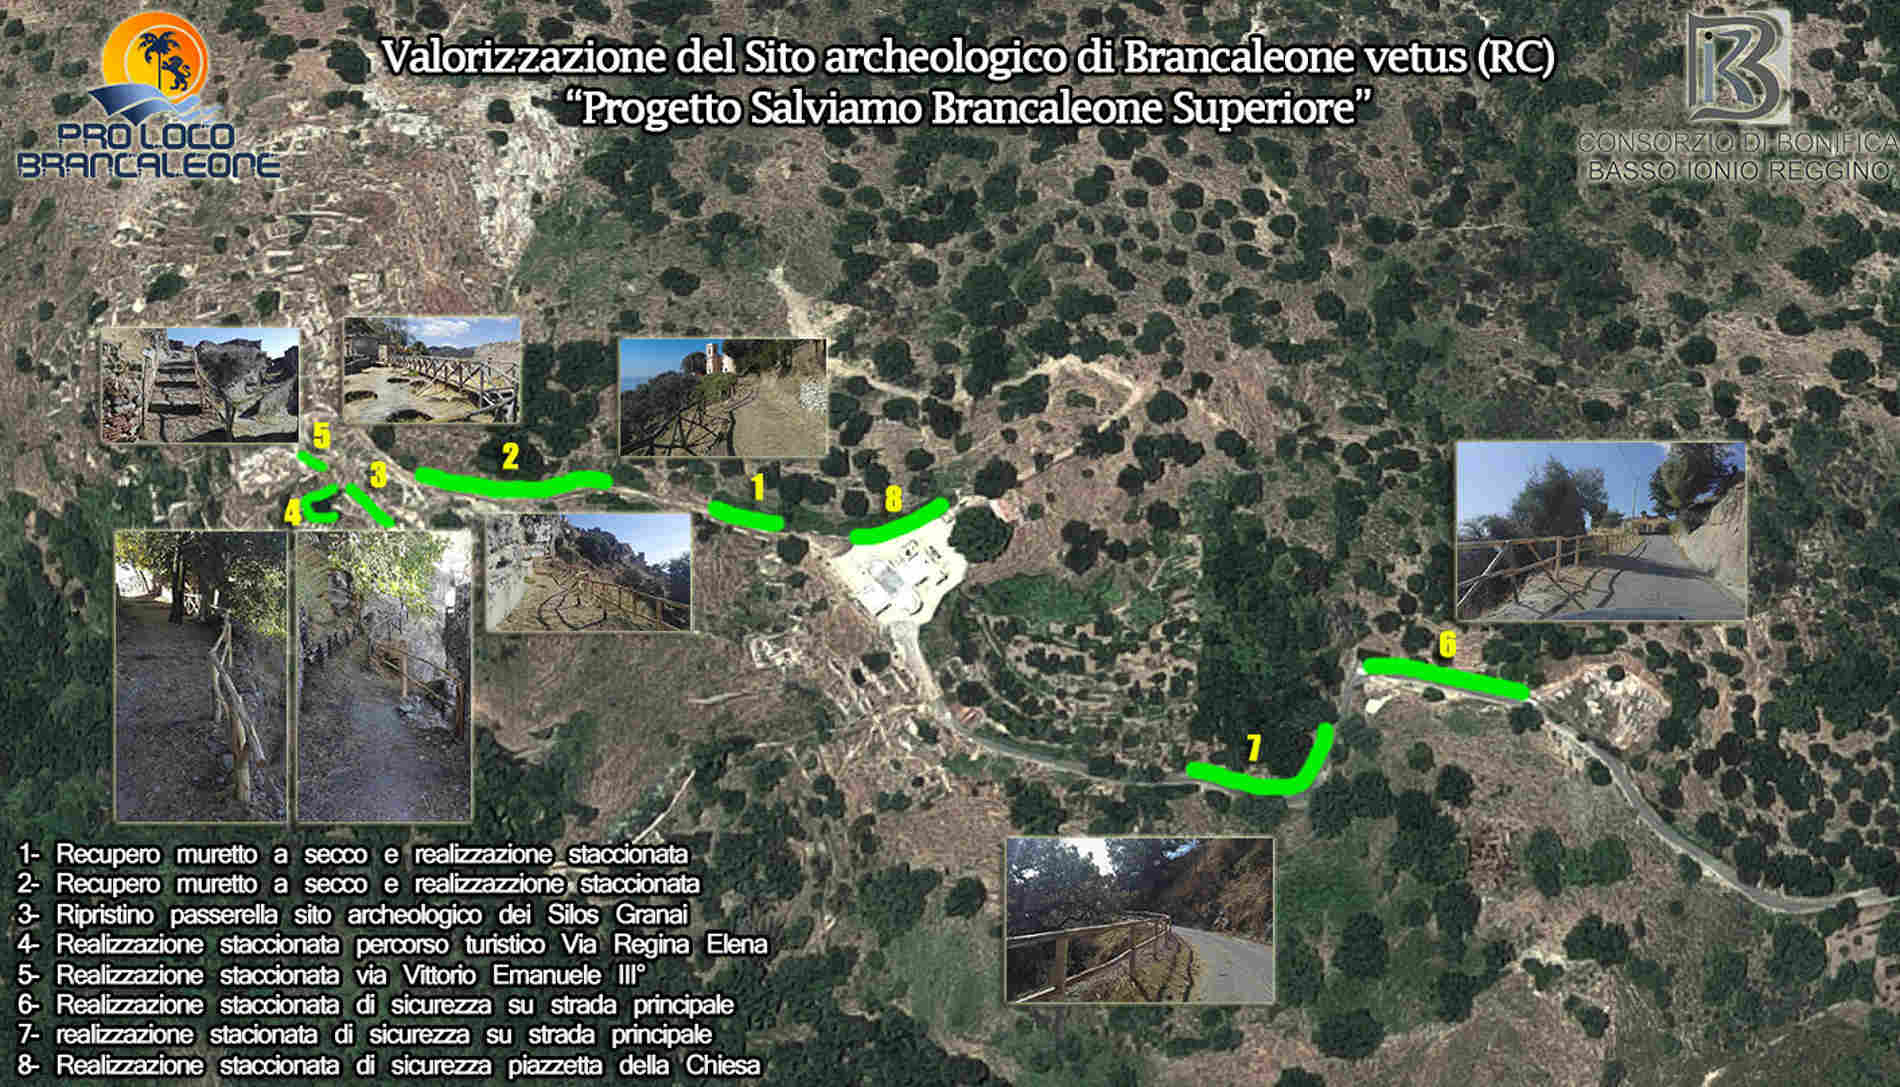 Calabria-destinazione-oltre-i-luoghi-comuni-intervista-a-Carmyne-Verduci-Brancaleone, mappa degli interventi